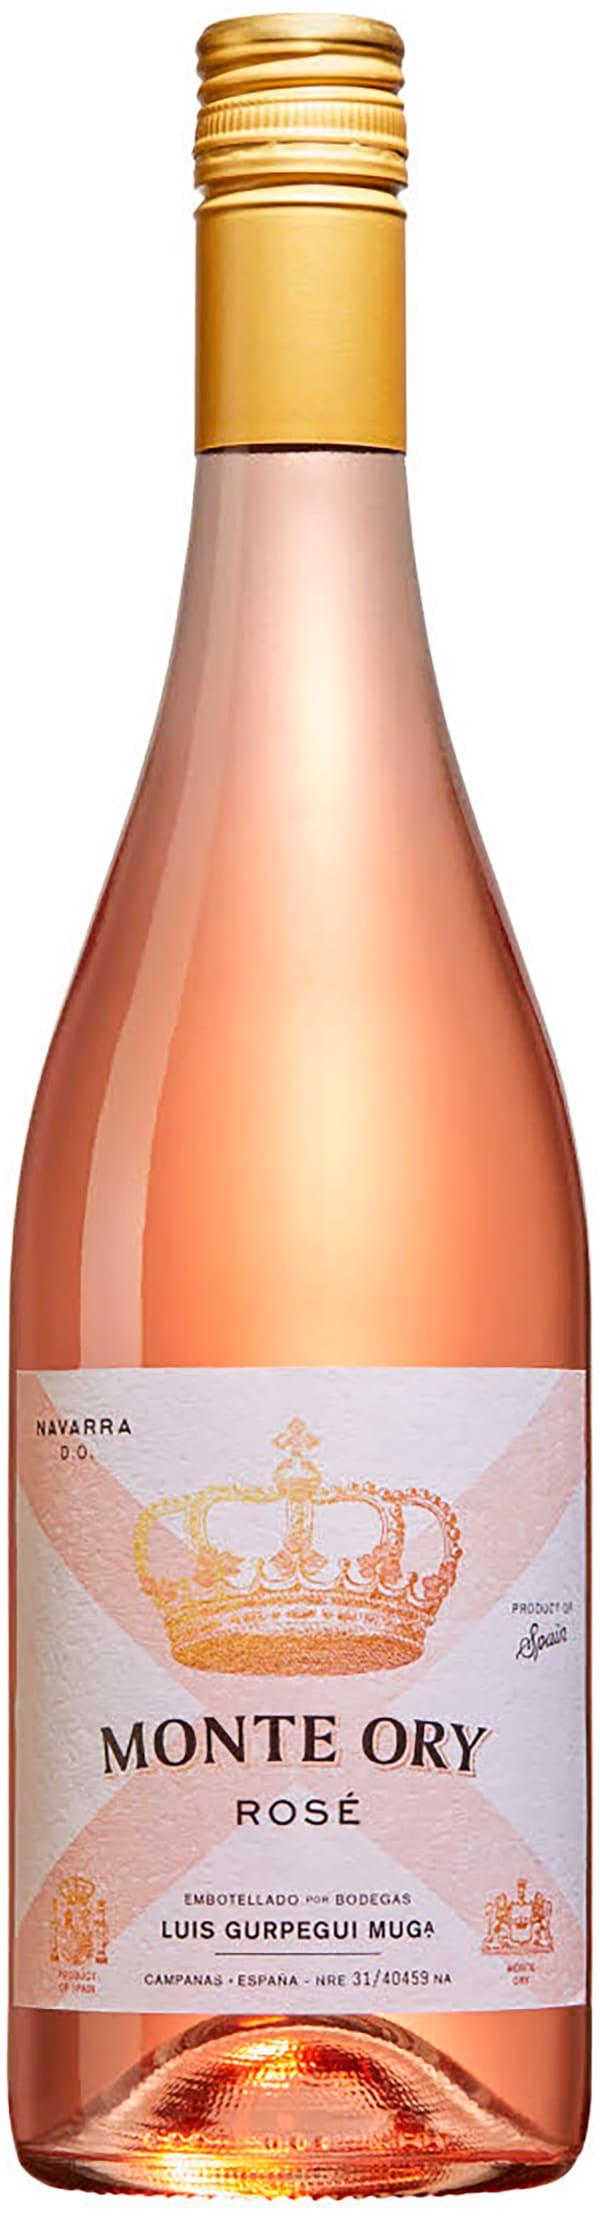 Monte Ory Rosé 2018